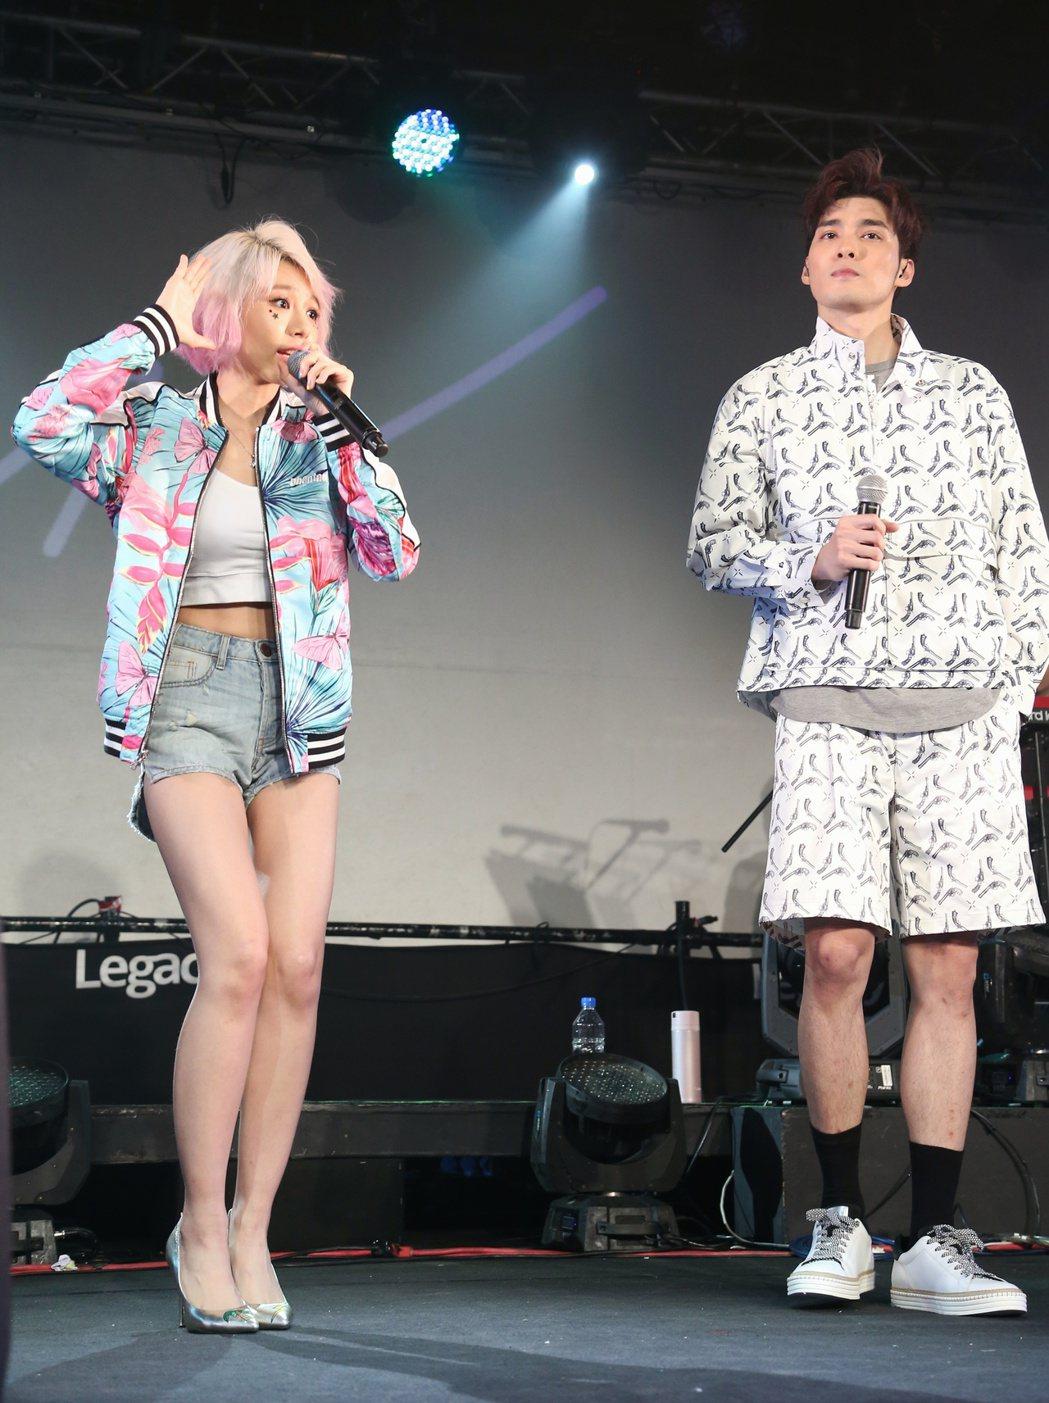 林明禎(左)於台北華山Legacy舉辦首次購票讚聲演唱會。邀請偉晉(右)擔任特別